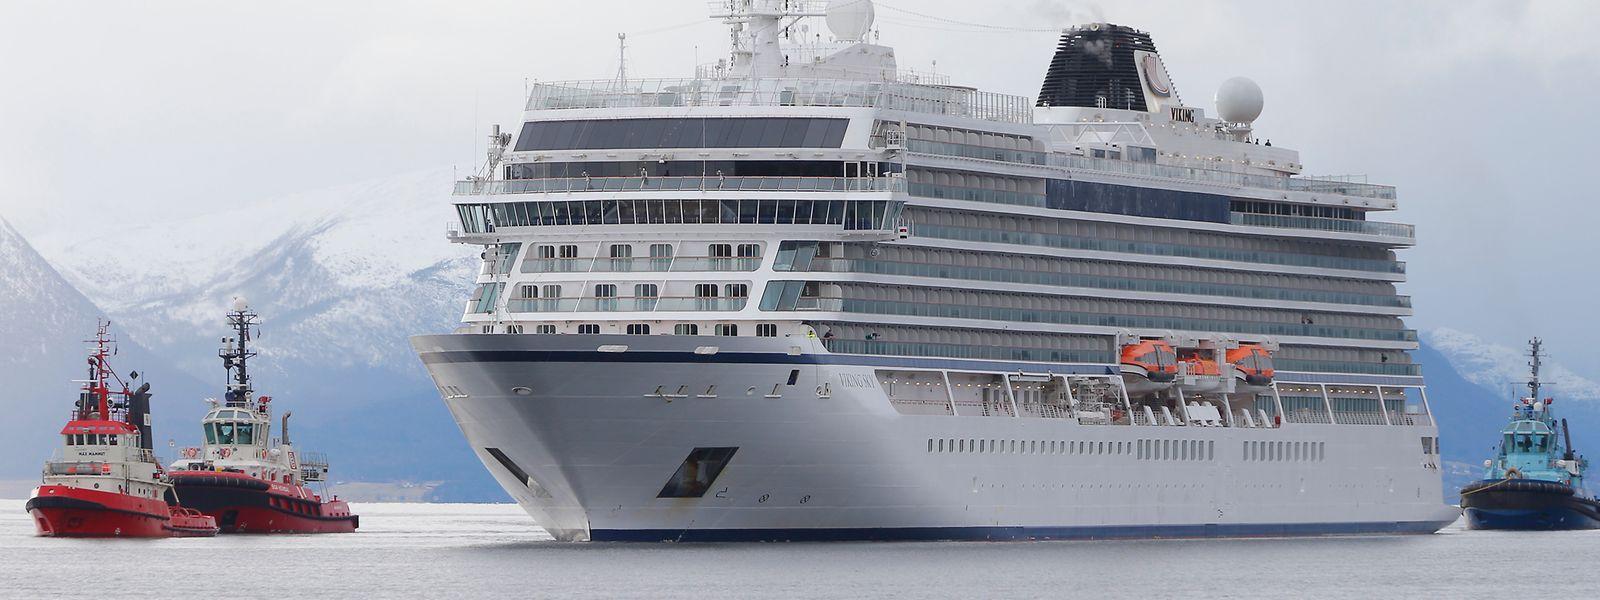 Das Kreuzfahrtschiff Viking Sky erreicht den Hafen in der norwegischen Kleinstadt Molde, nachdem es auf See in Not geraten war.